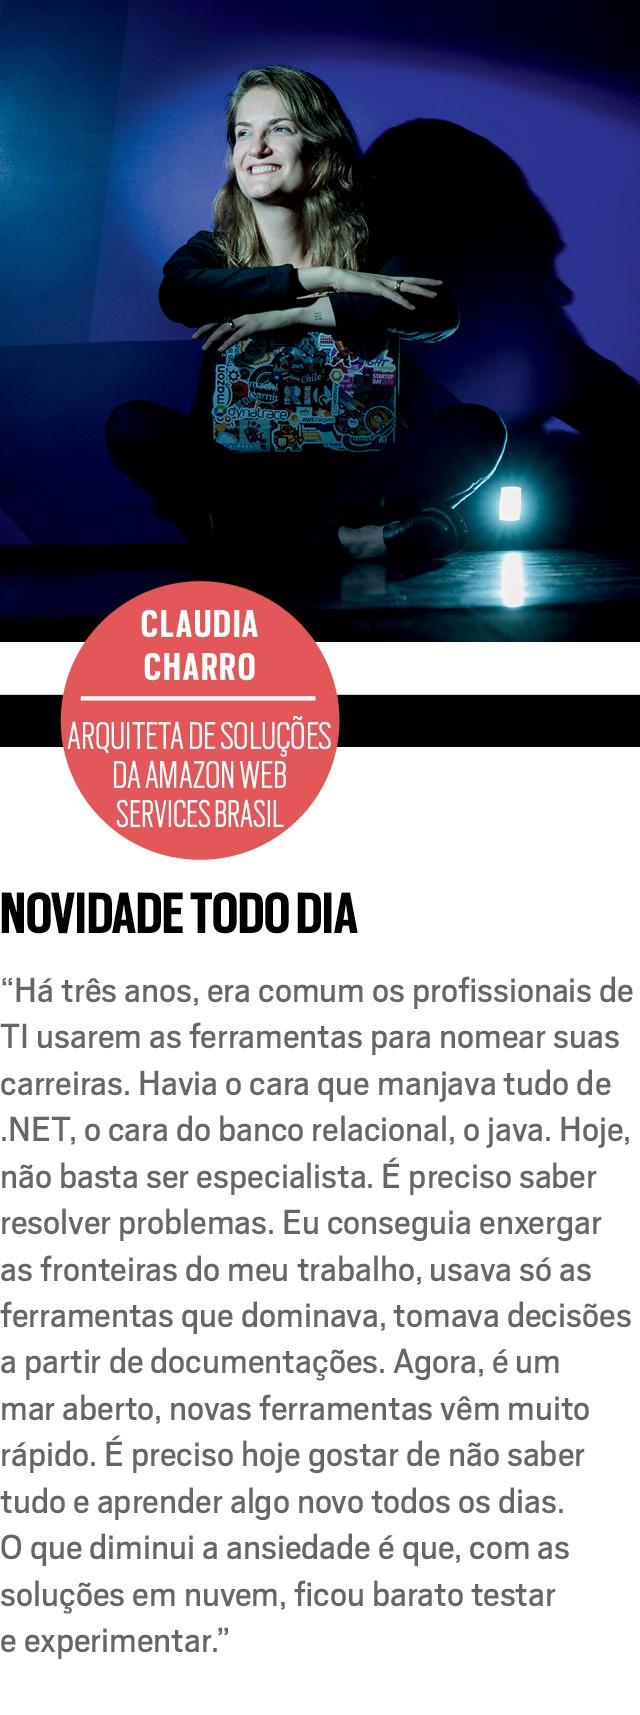 CLAUDIA CHARRO, arquiteta de soluções da Amazon Web Services Brasil  (Foto: Anna Carolina Negri)